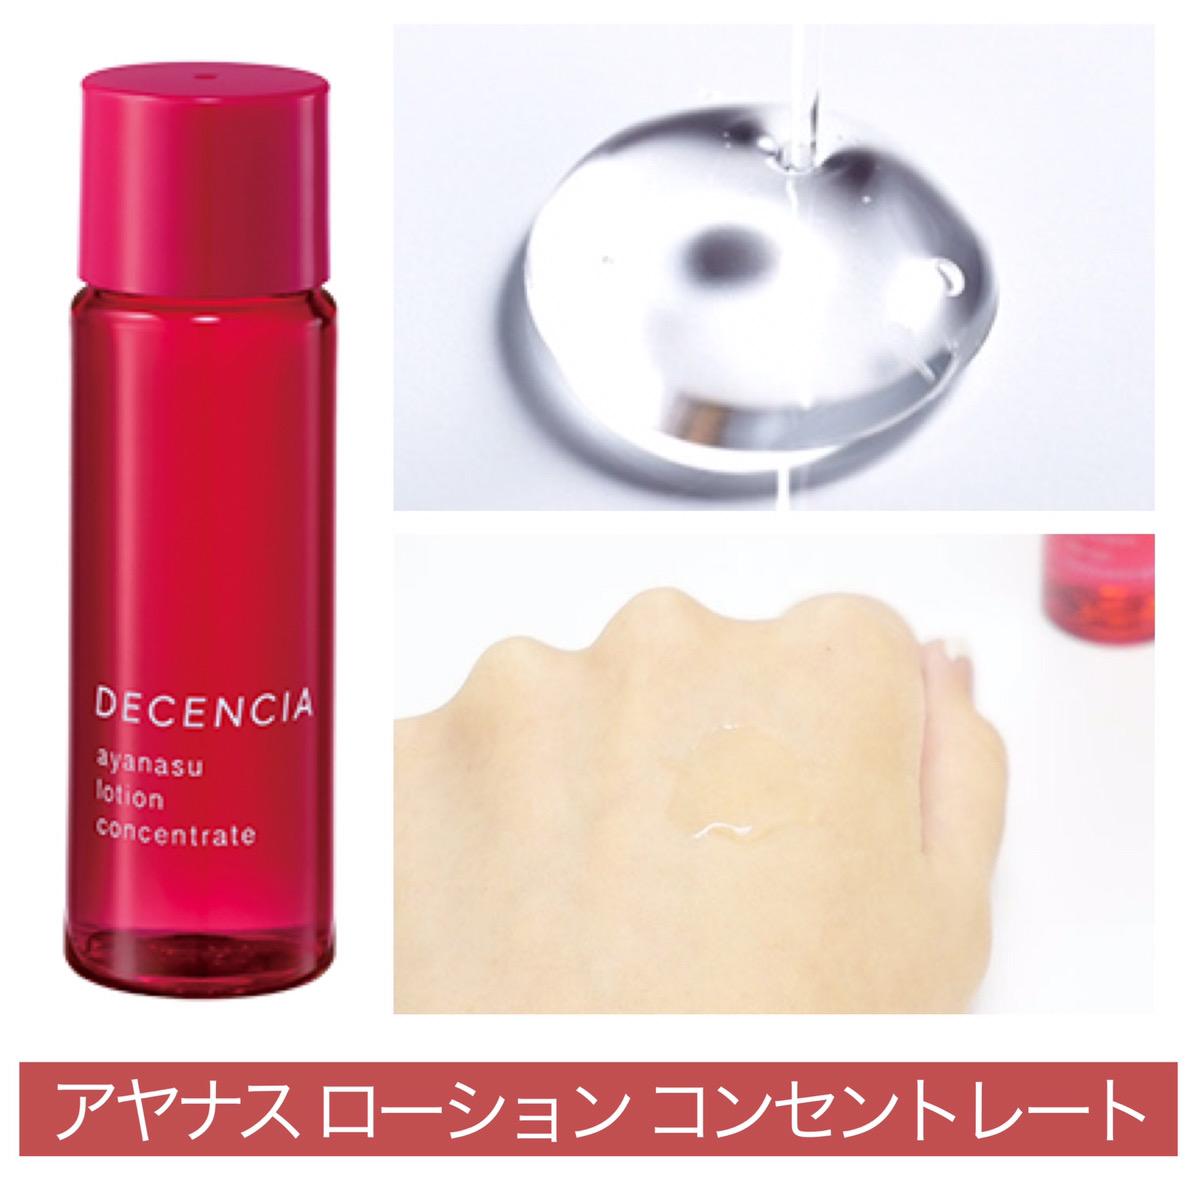 ディセンシアのアヤナスの化粧液コンセントレートローションの写真